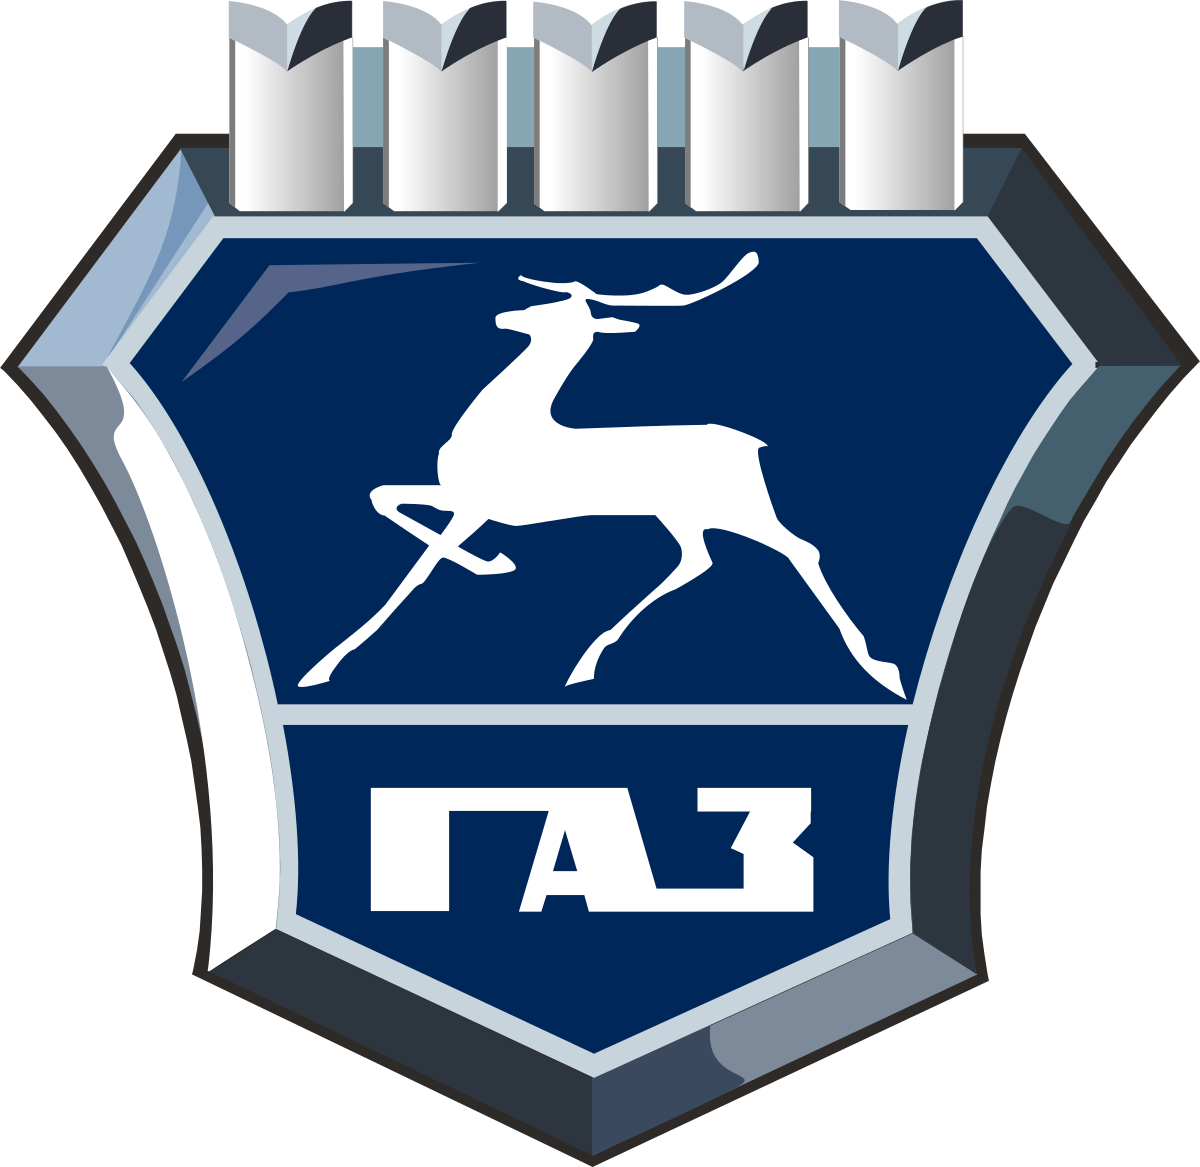 Изображение лого ГАЗ